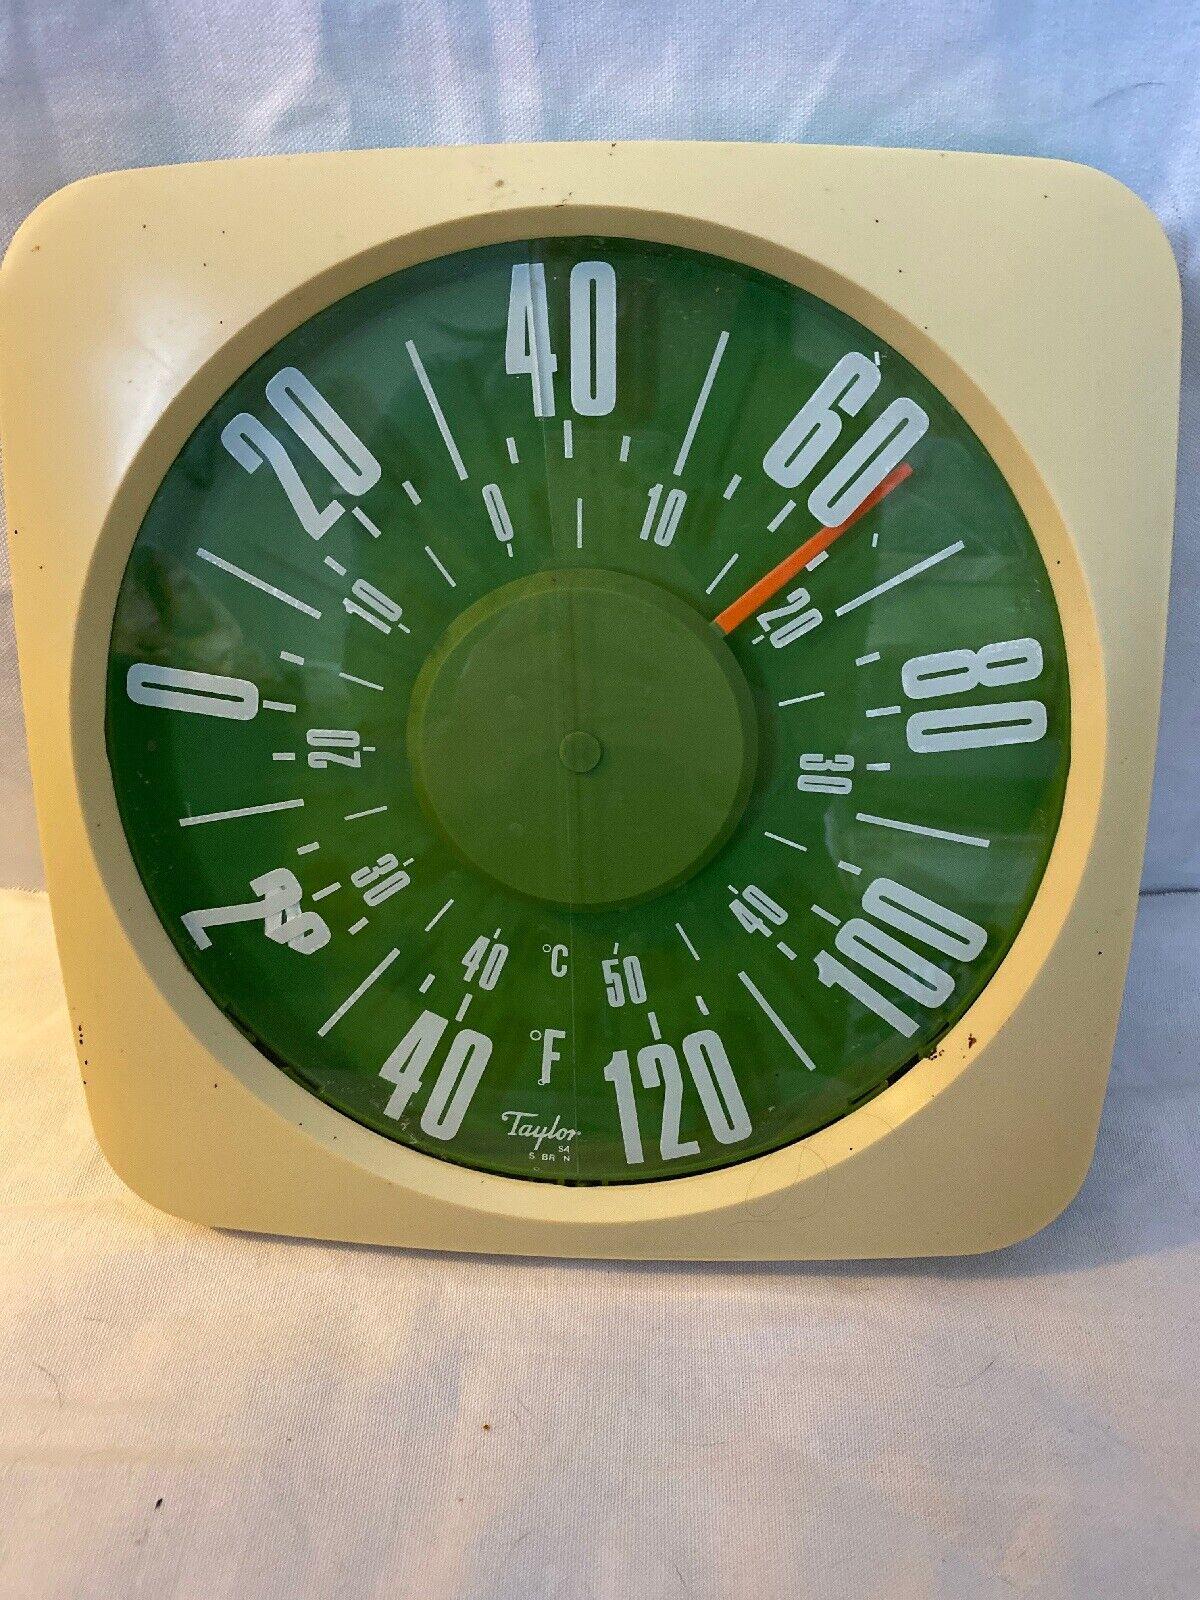 Кухонные термометры (Кухонные инструменты и гаджеты) Vintage Taylor Outdoor Circle Thermometer I3